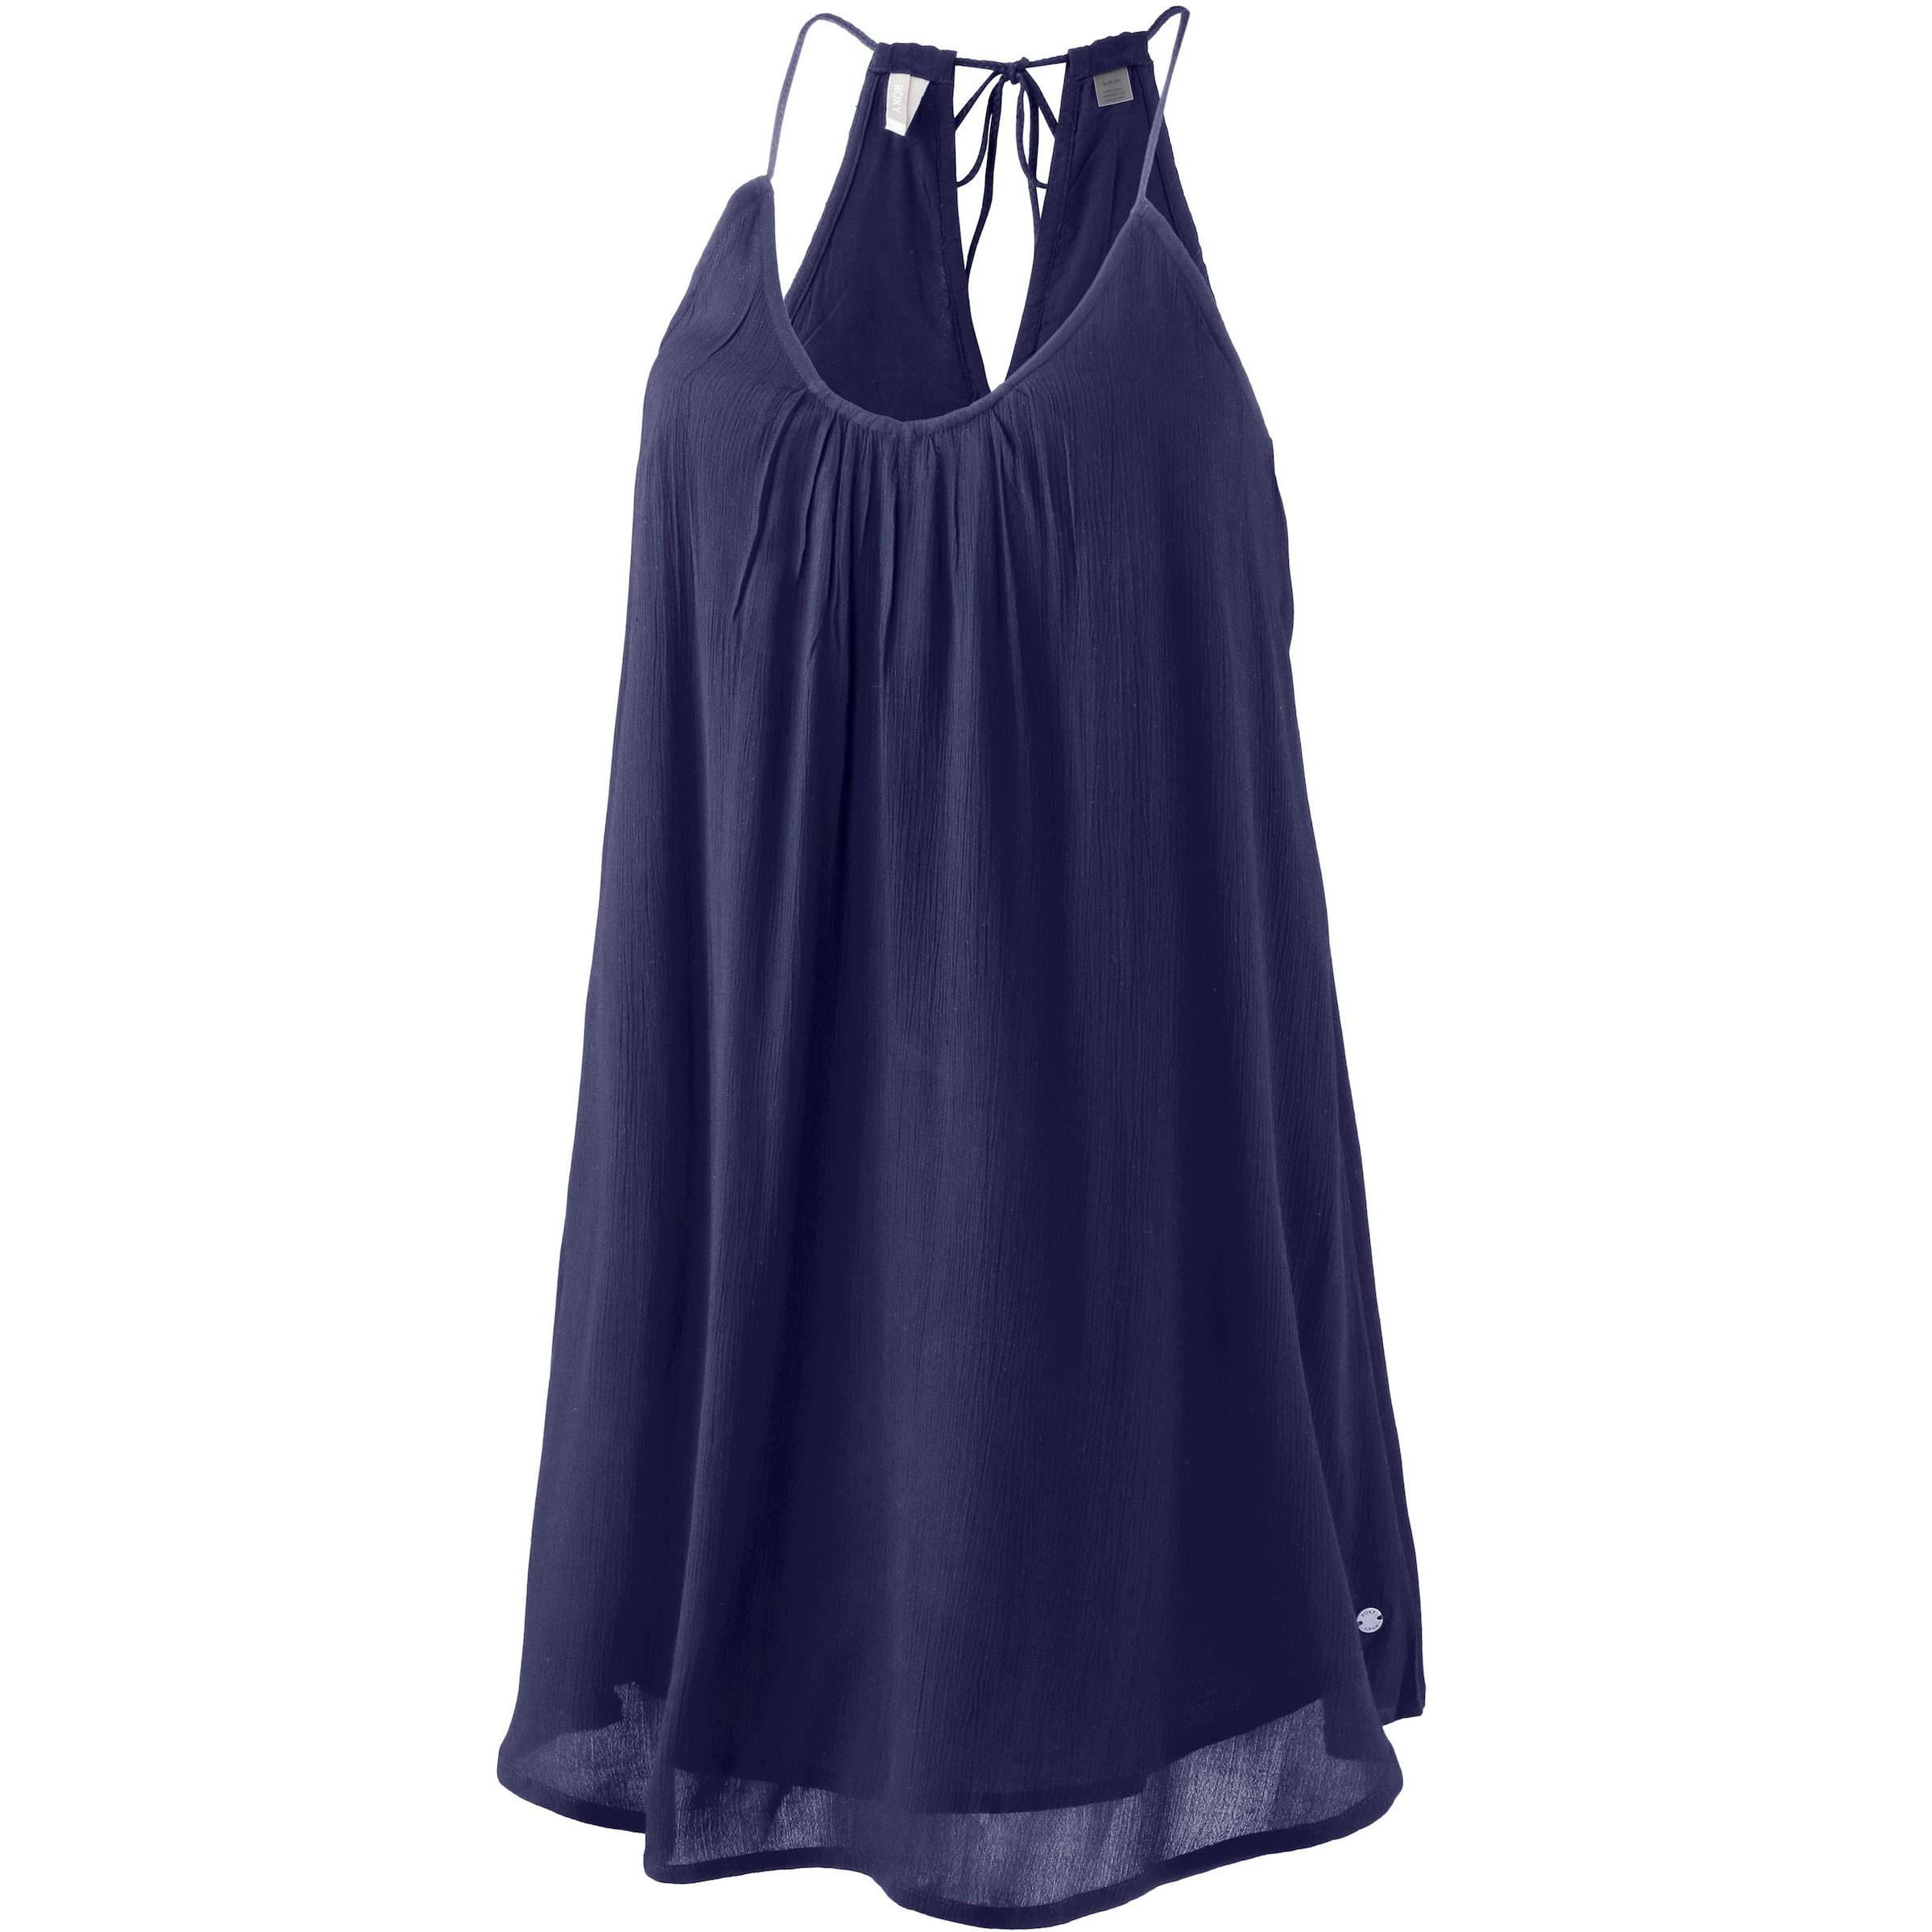 ROXY 'Great Intentions' Trägerkleid Damen Verkauf Manchester Verkauf Rabatt Freies Verschiffen Zuverlässig fUKn4C